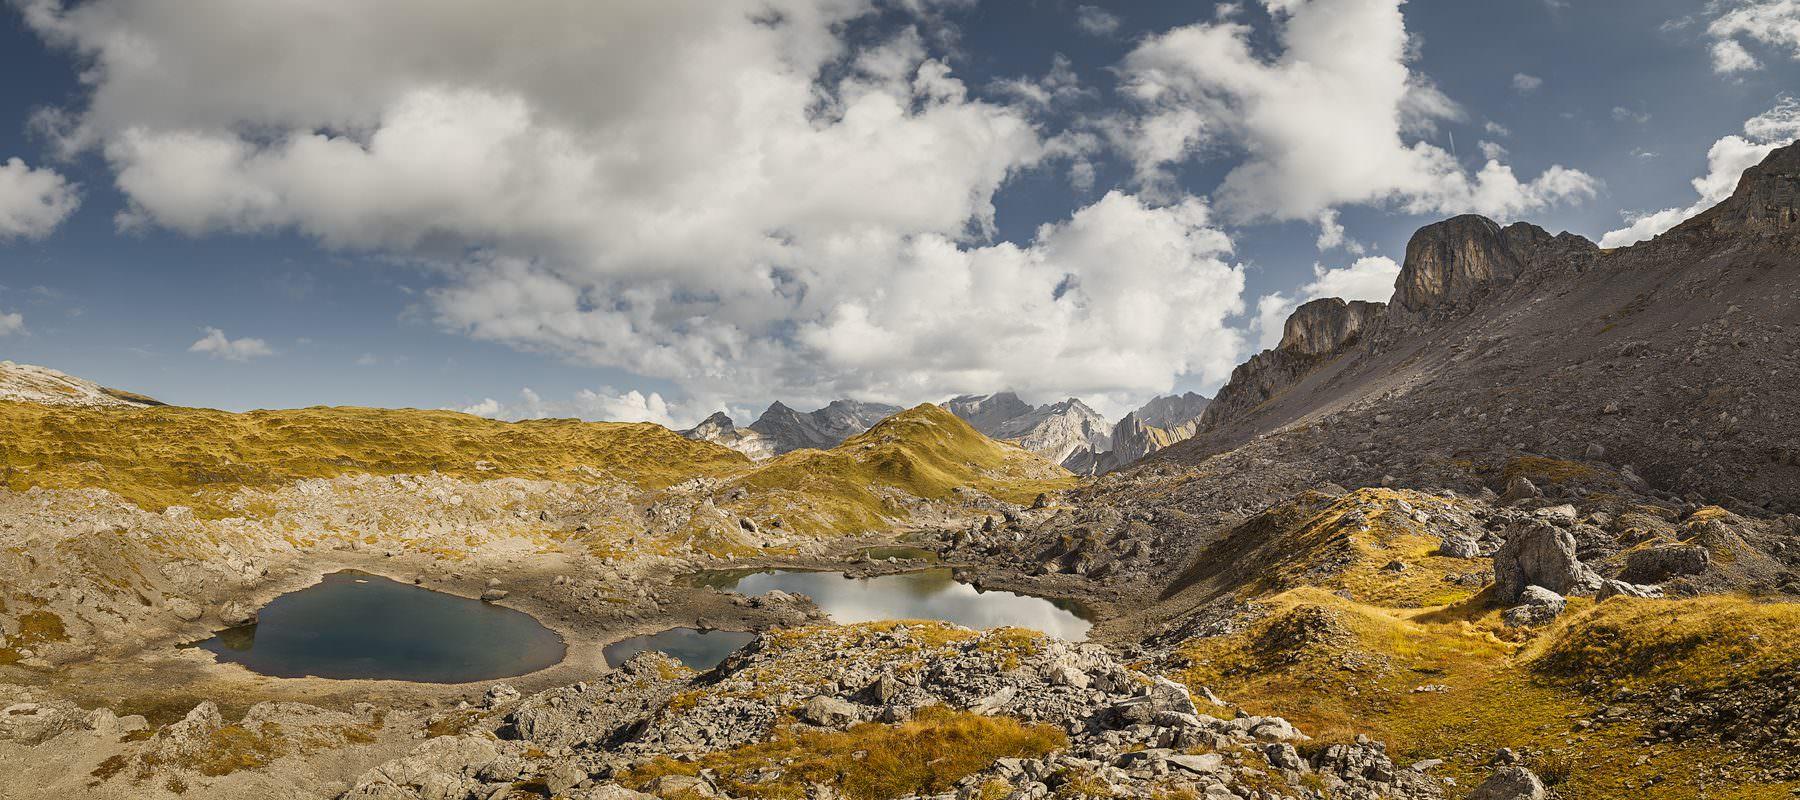 Switzerland, Urschwyz, Silberen, Mountain, Autumn, Silberenseeli